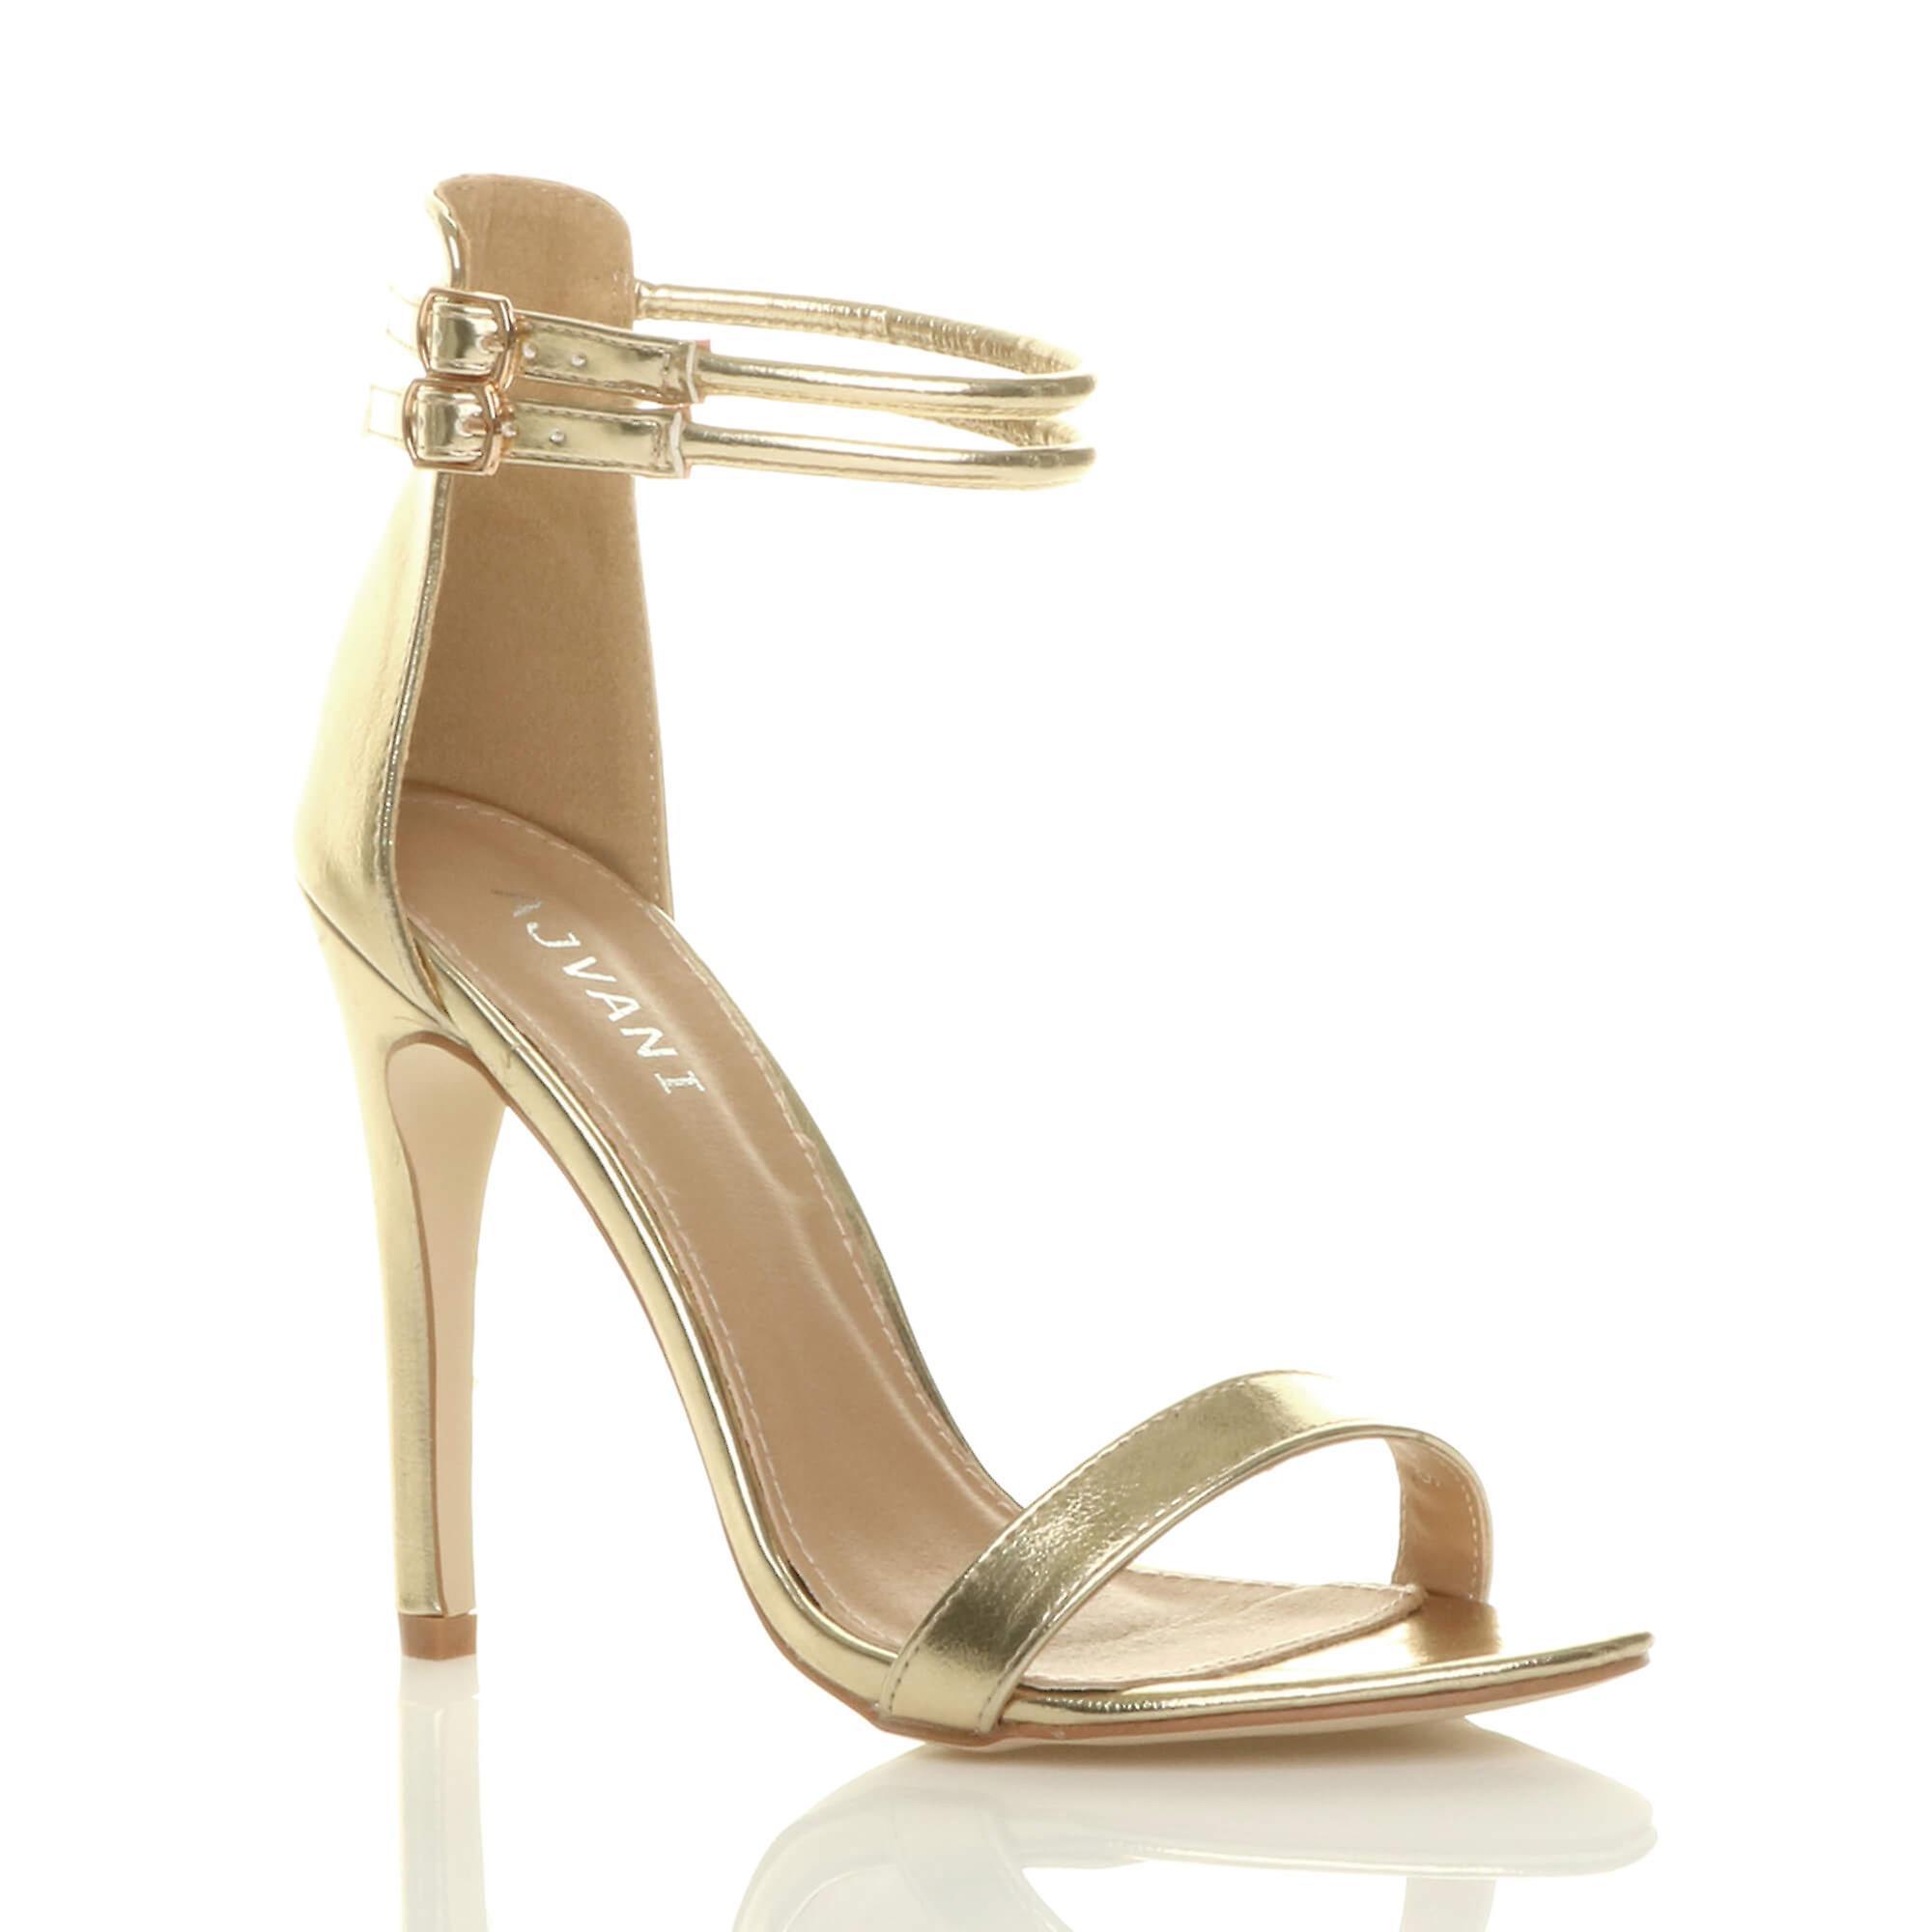 Ajvani damskie wysokie szpilki ledwo tam podwójny pasek klamra stroną sandały buty Ilaxr